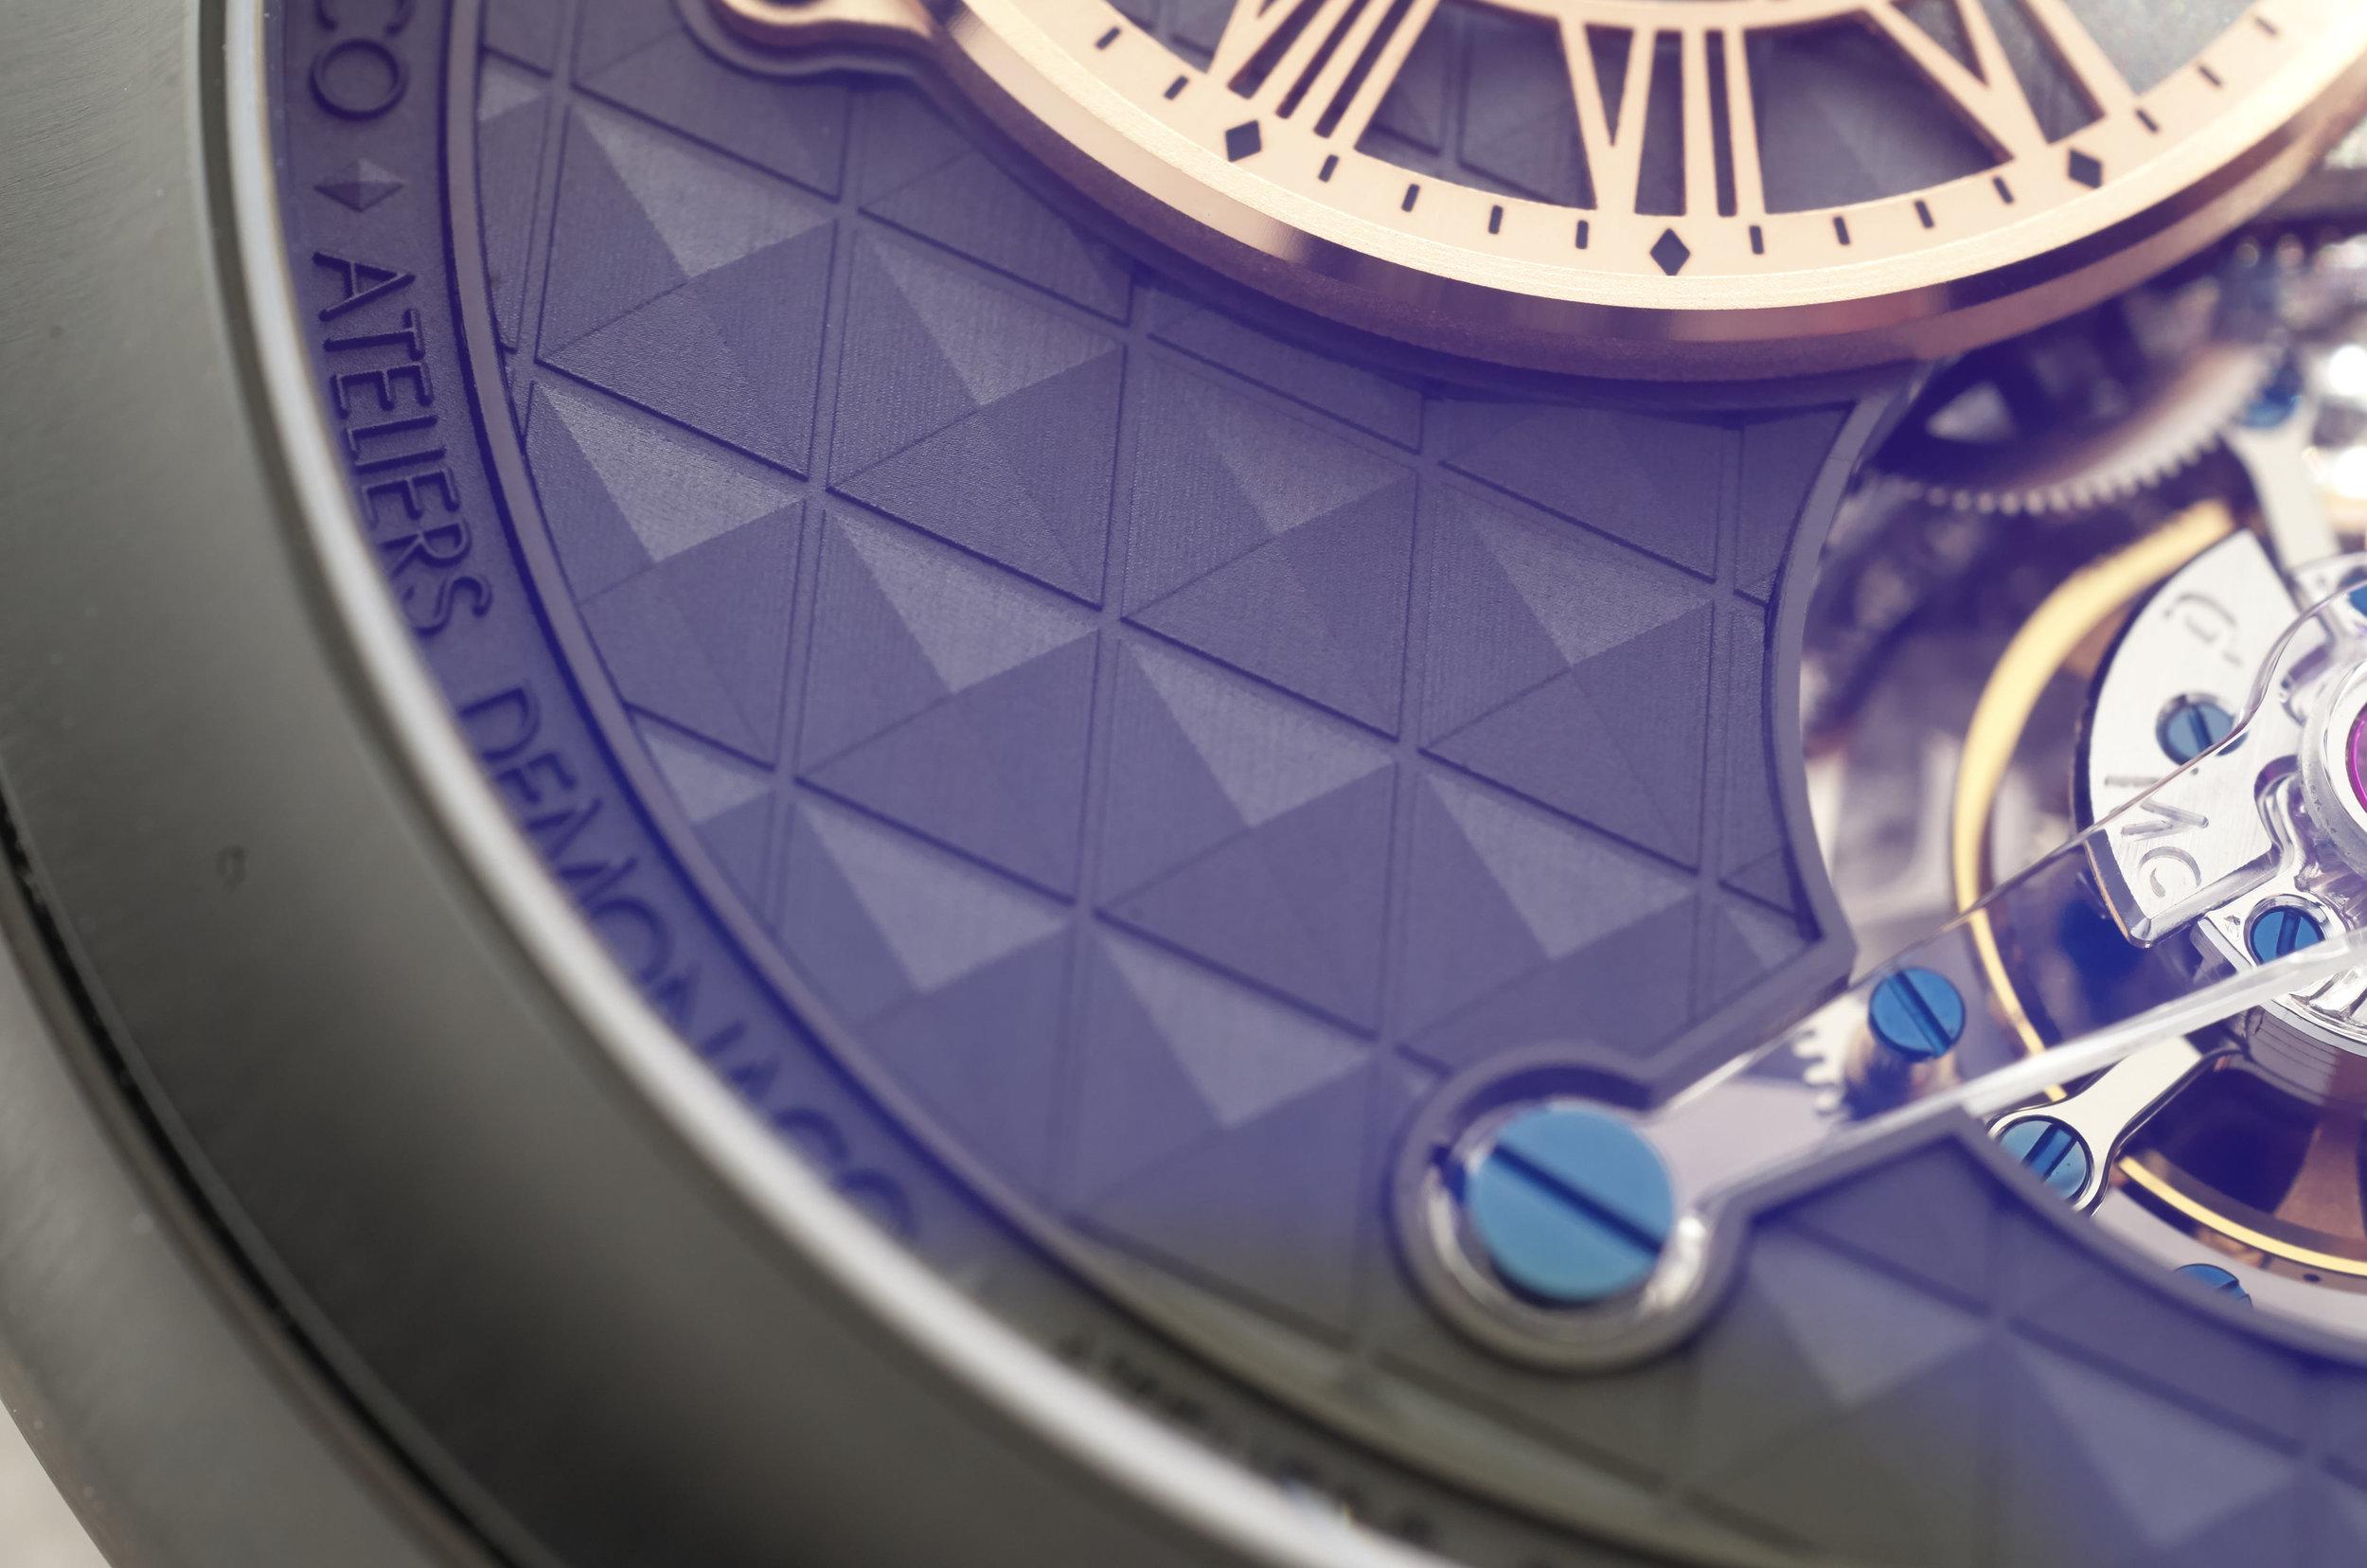 Ateliers de Monaco dial detail